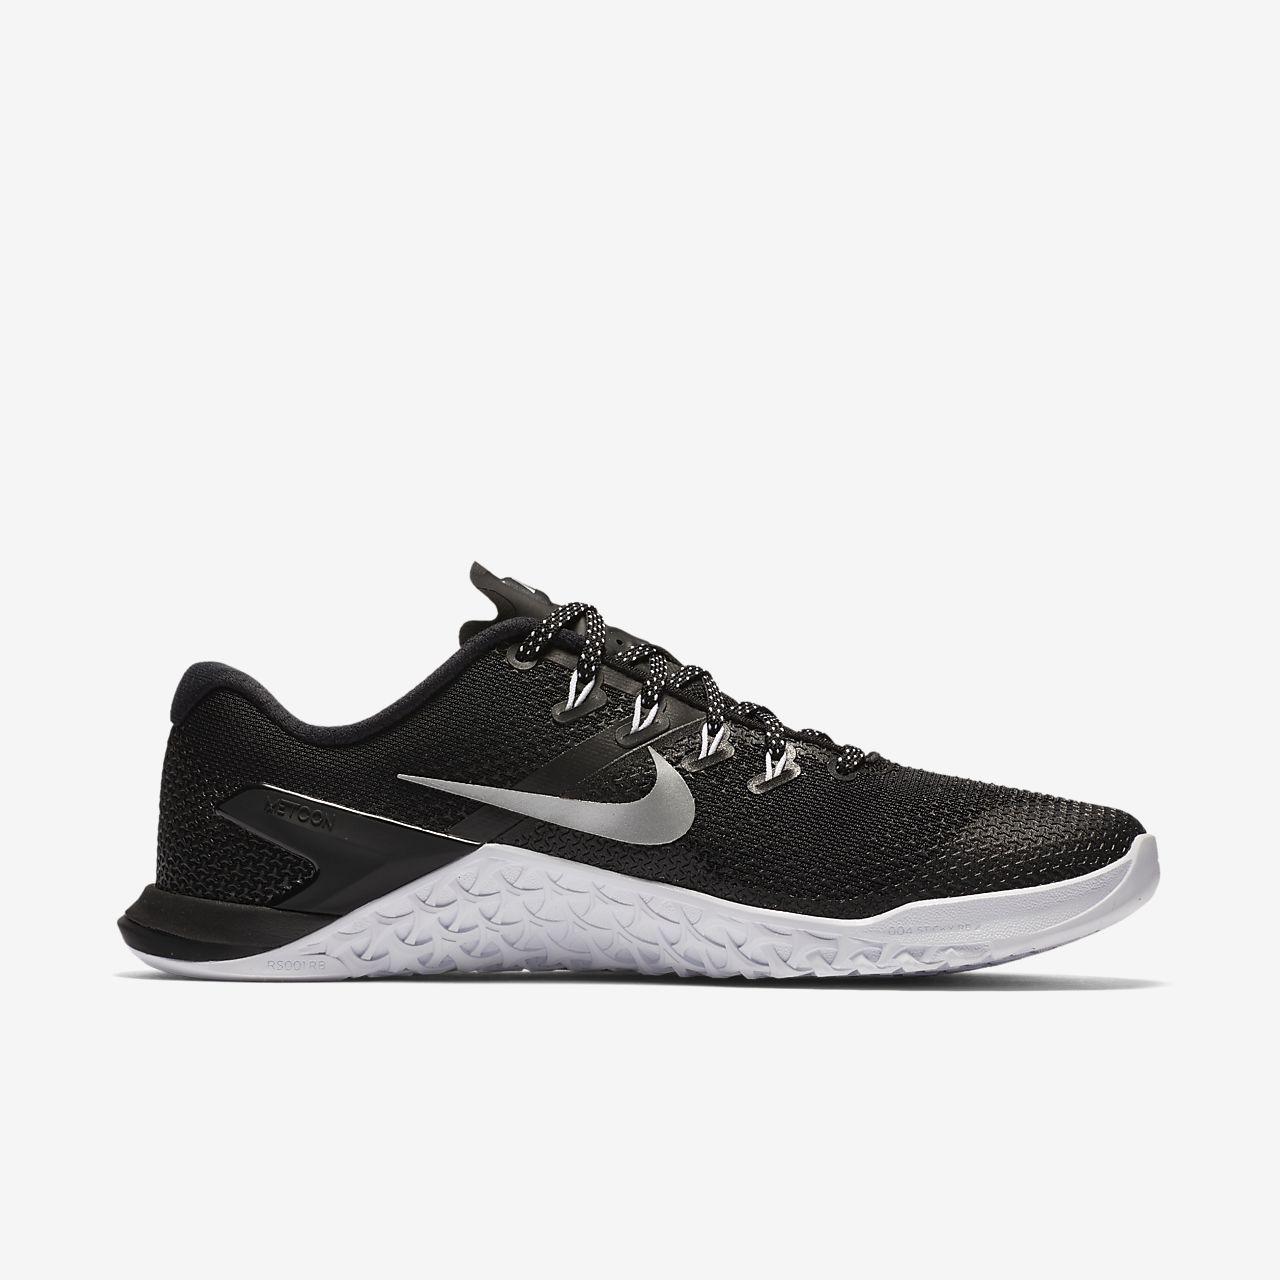 promo code d0be2 ec4b4 Nike Metcon 4 Women s Cross Training, Weightlifting Shoe. Nike.com GB